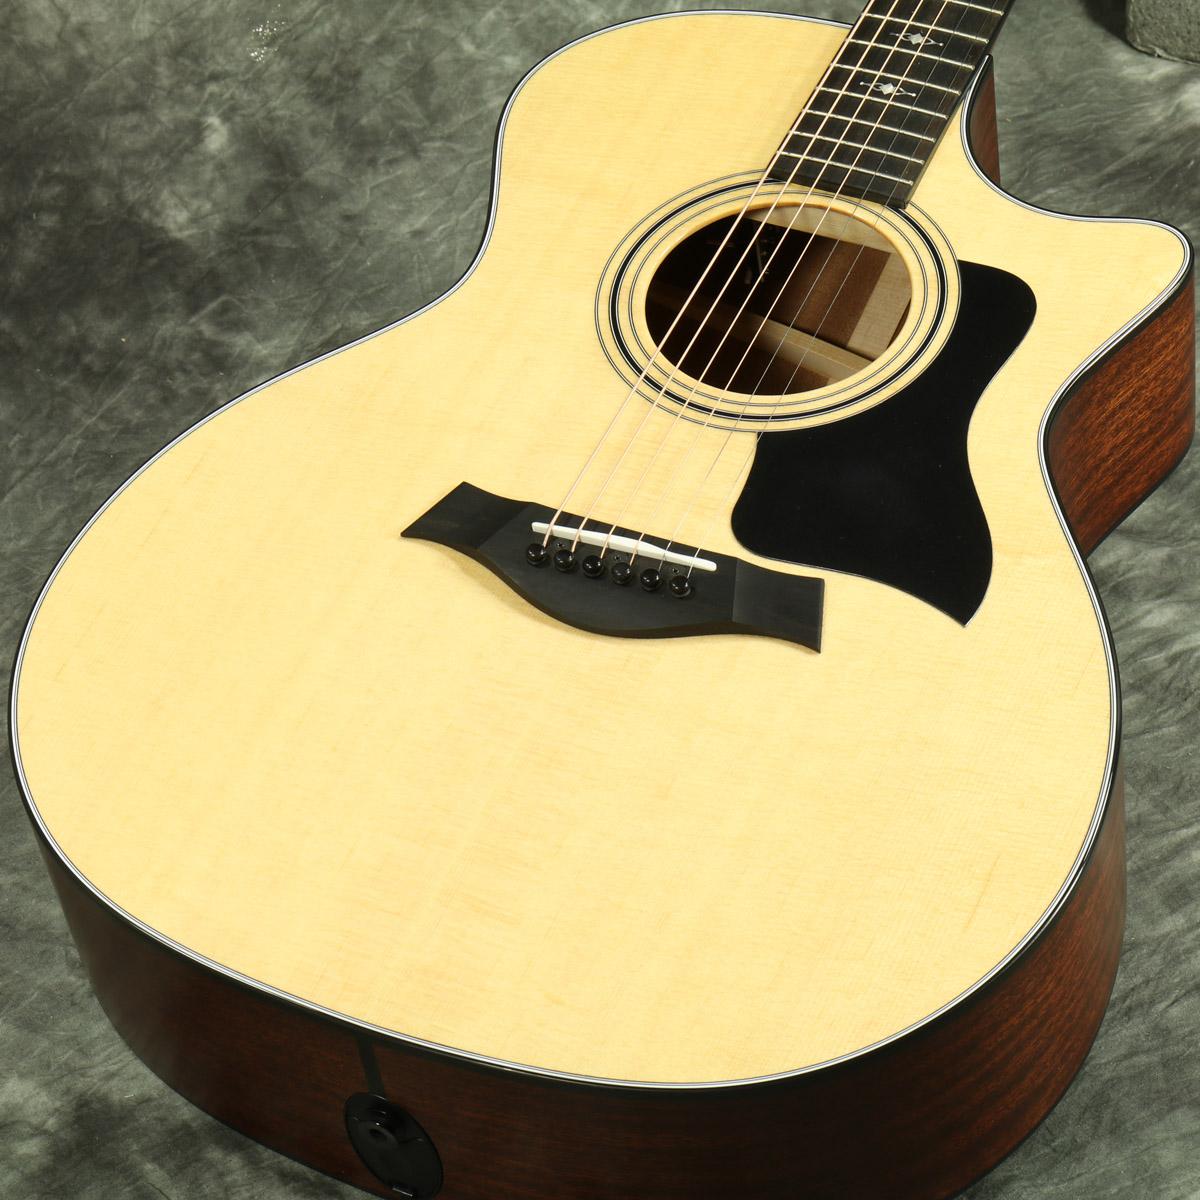 Taylor / 314ce V-Class Natural テイラー アコースティックギター アコギ エレアコ 《特典つき!/+set79088》【お取り寄せ商品】